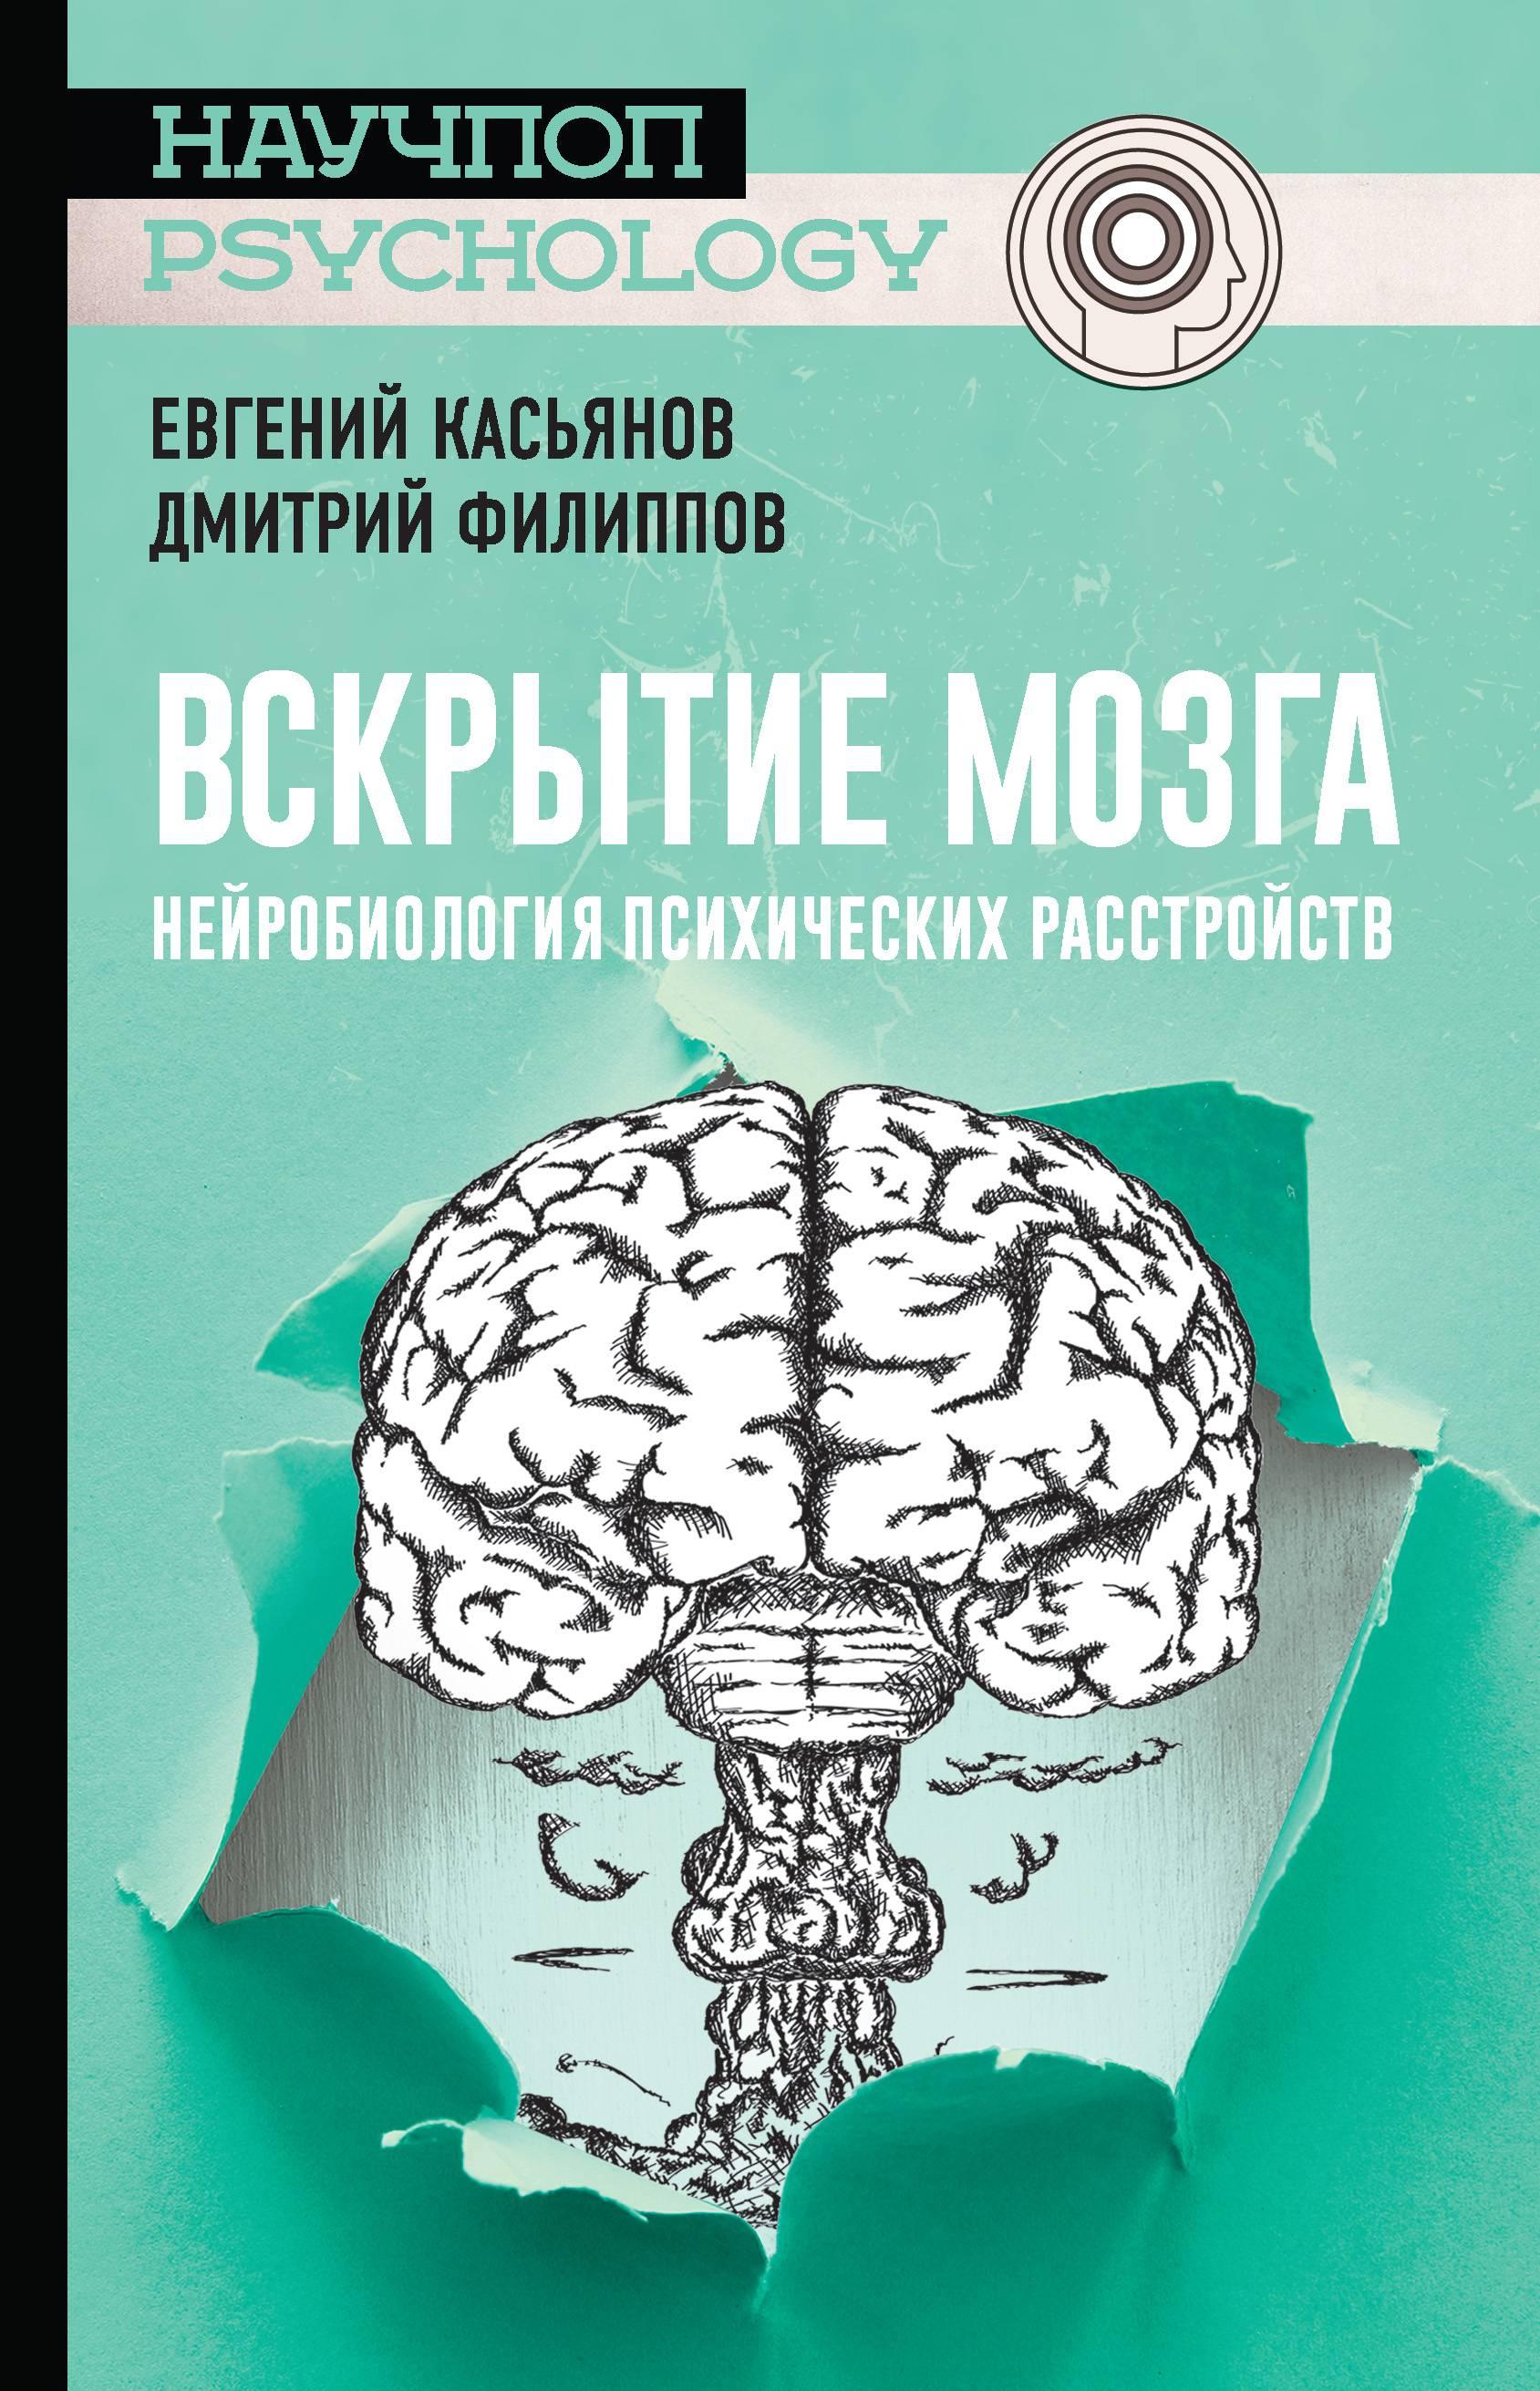 Отстранение (психология) википедия